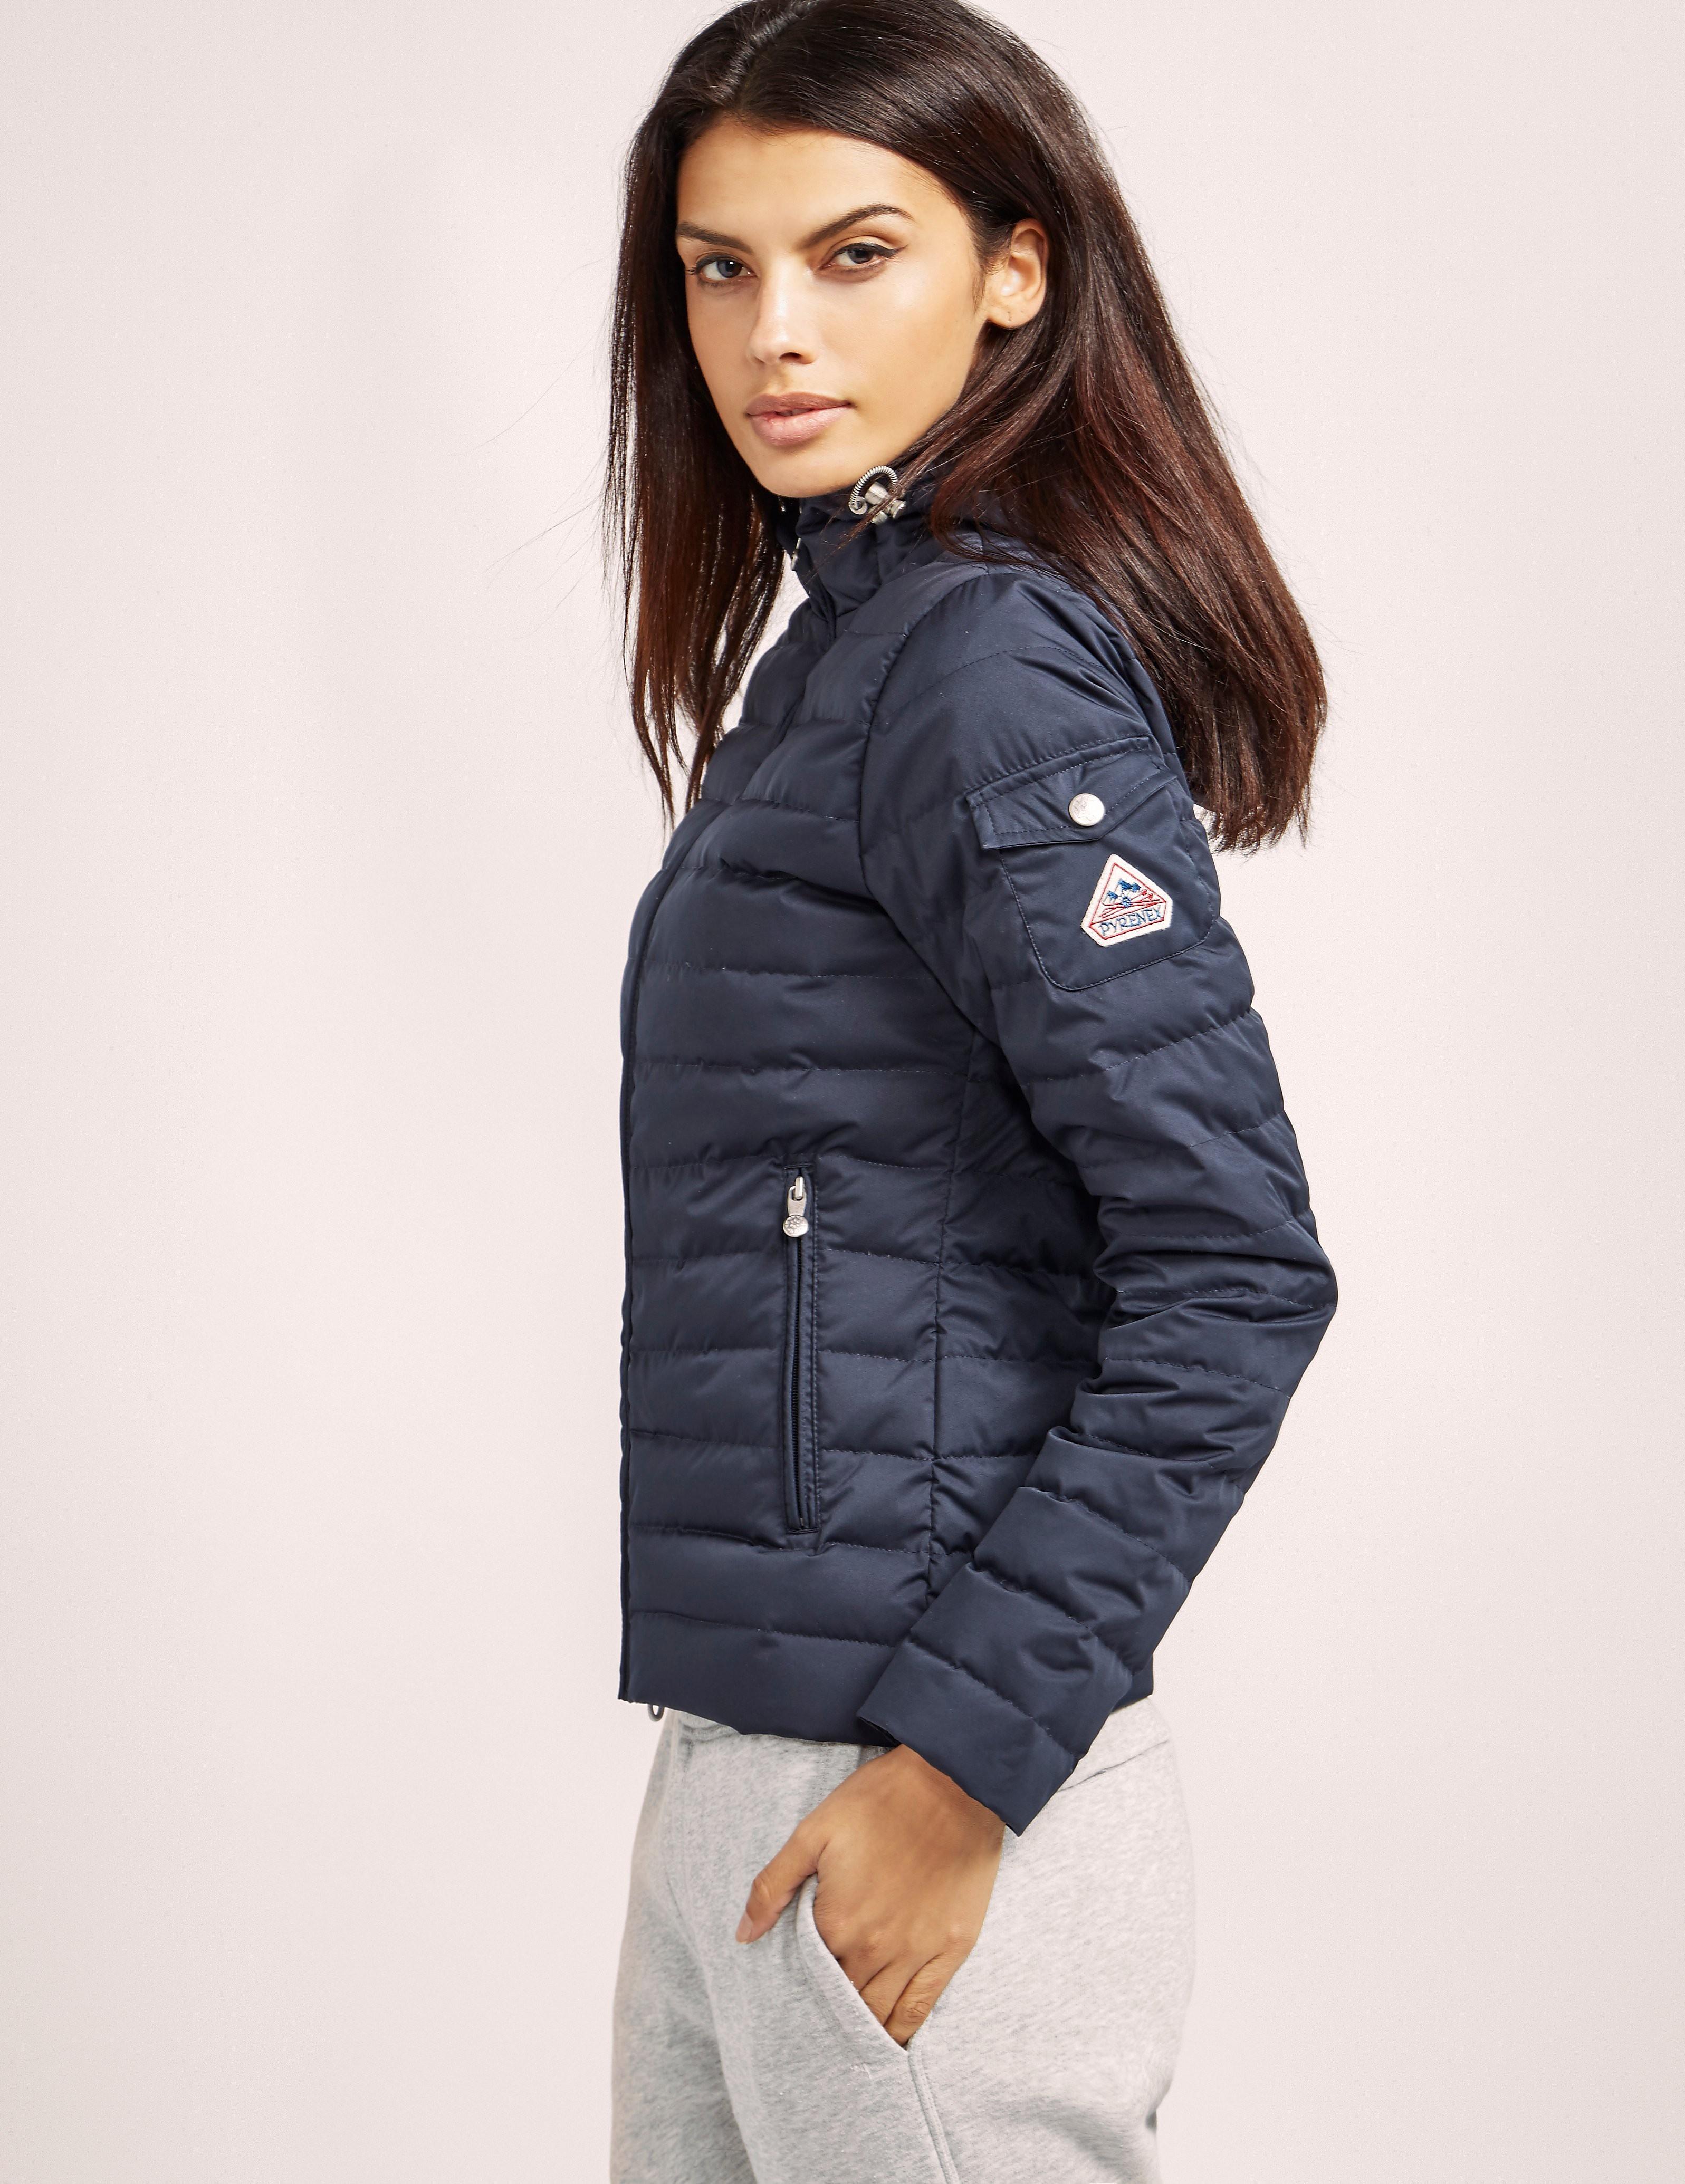 Pyrenex Amaryllis Jacket